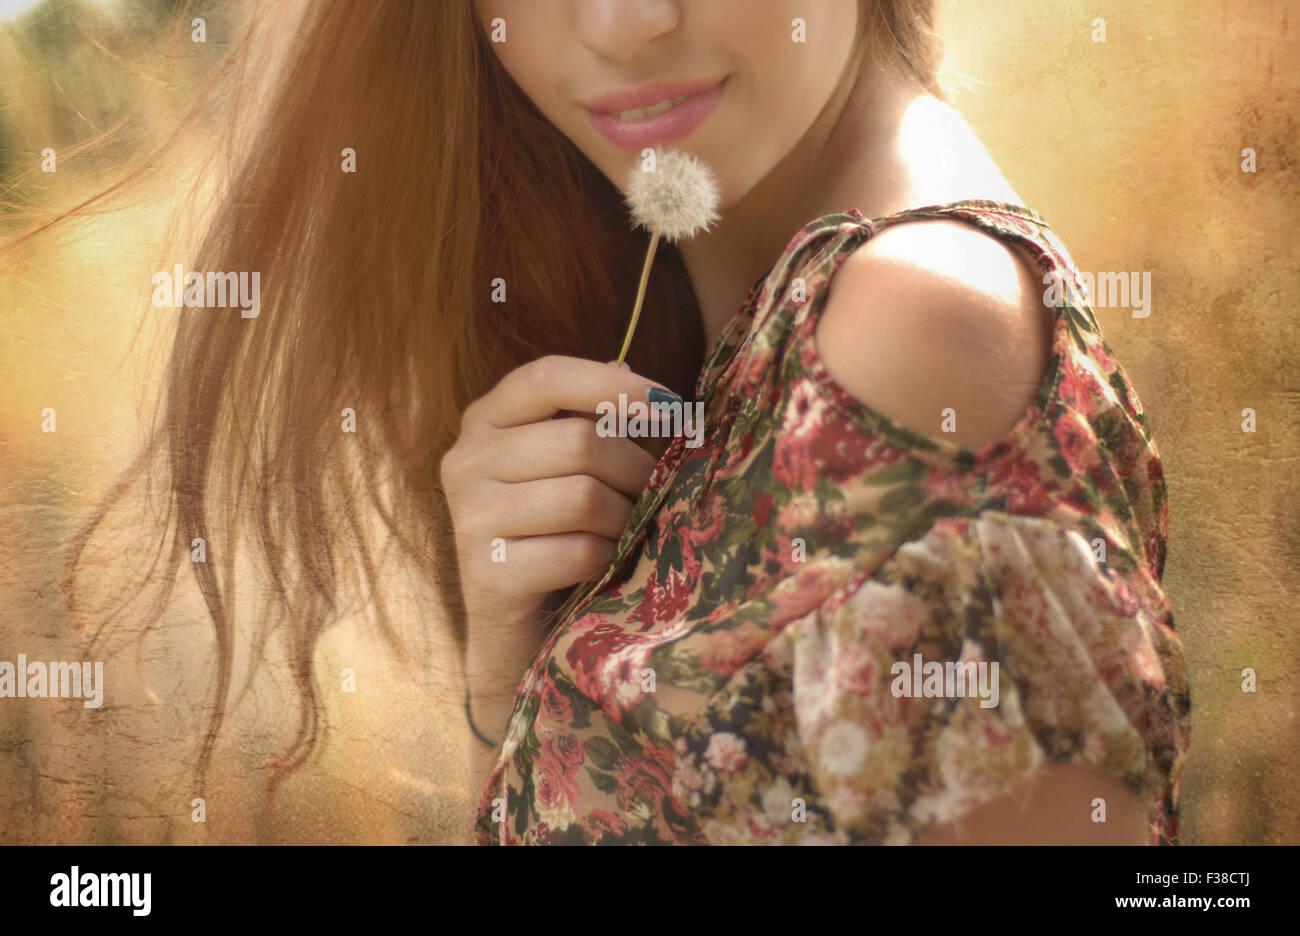 Metà faccia di una donna rosa labbra tarassaco capelli biondi Immagini Stock